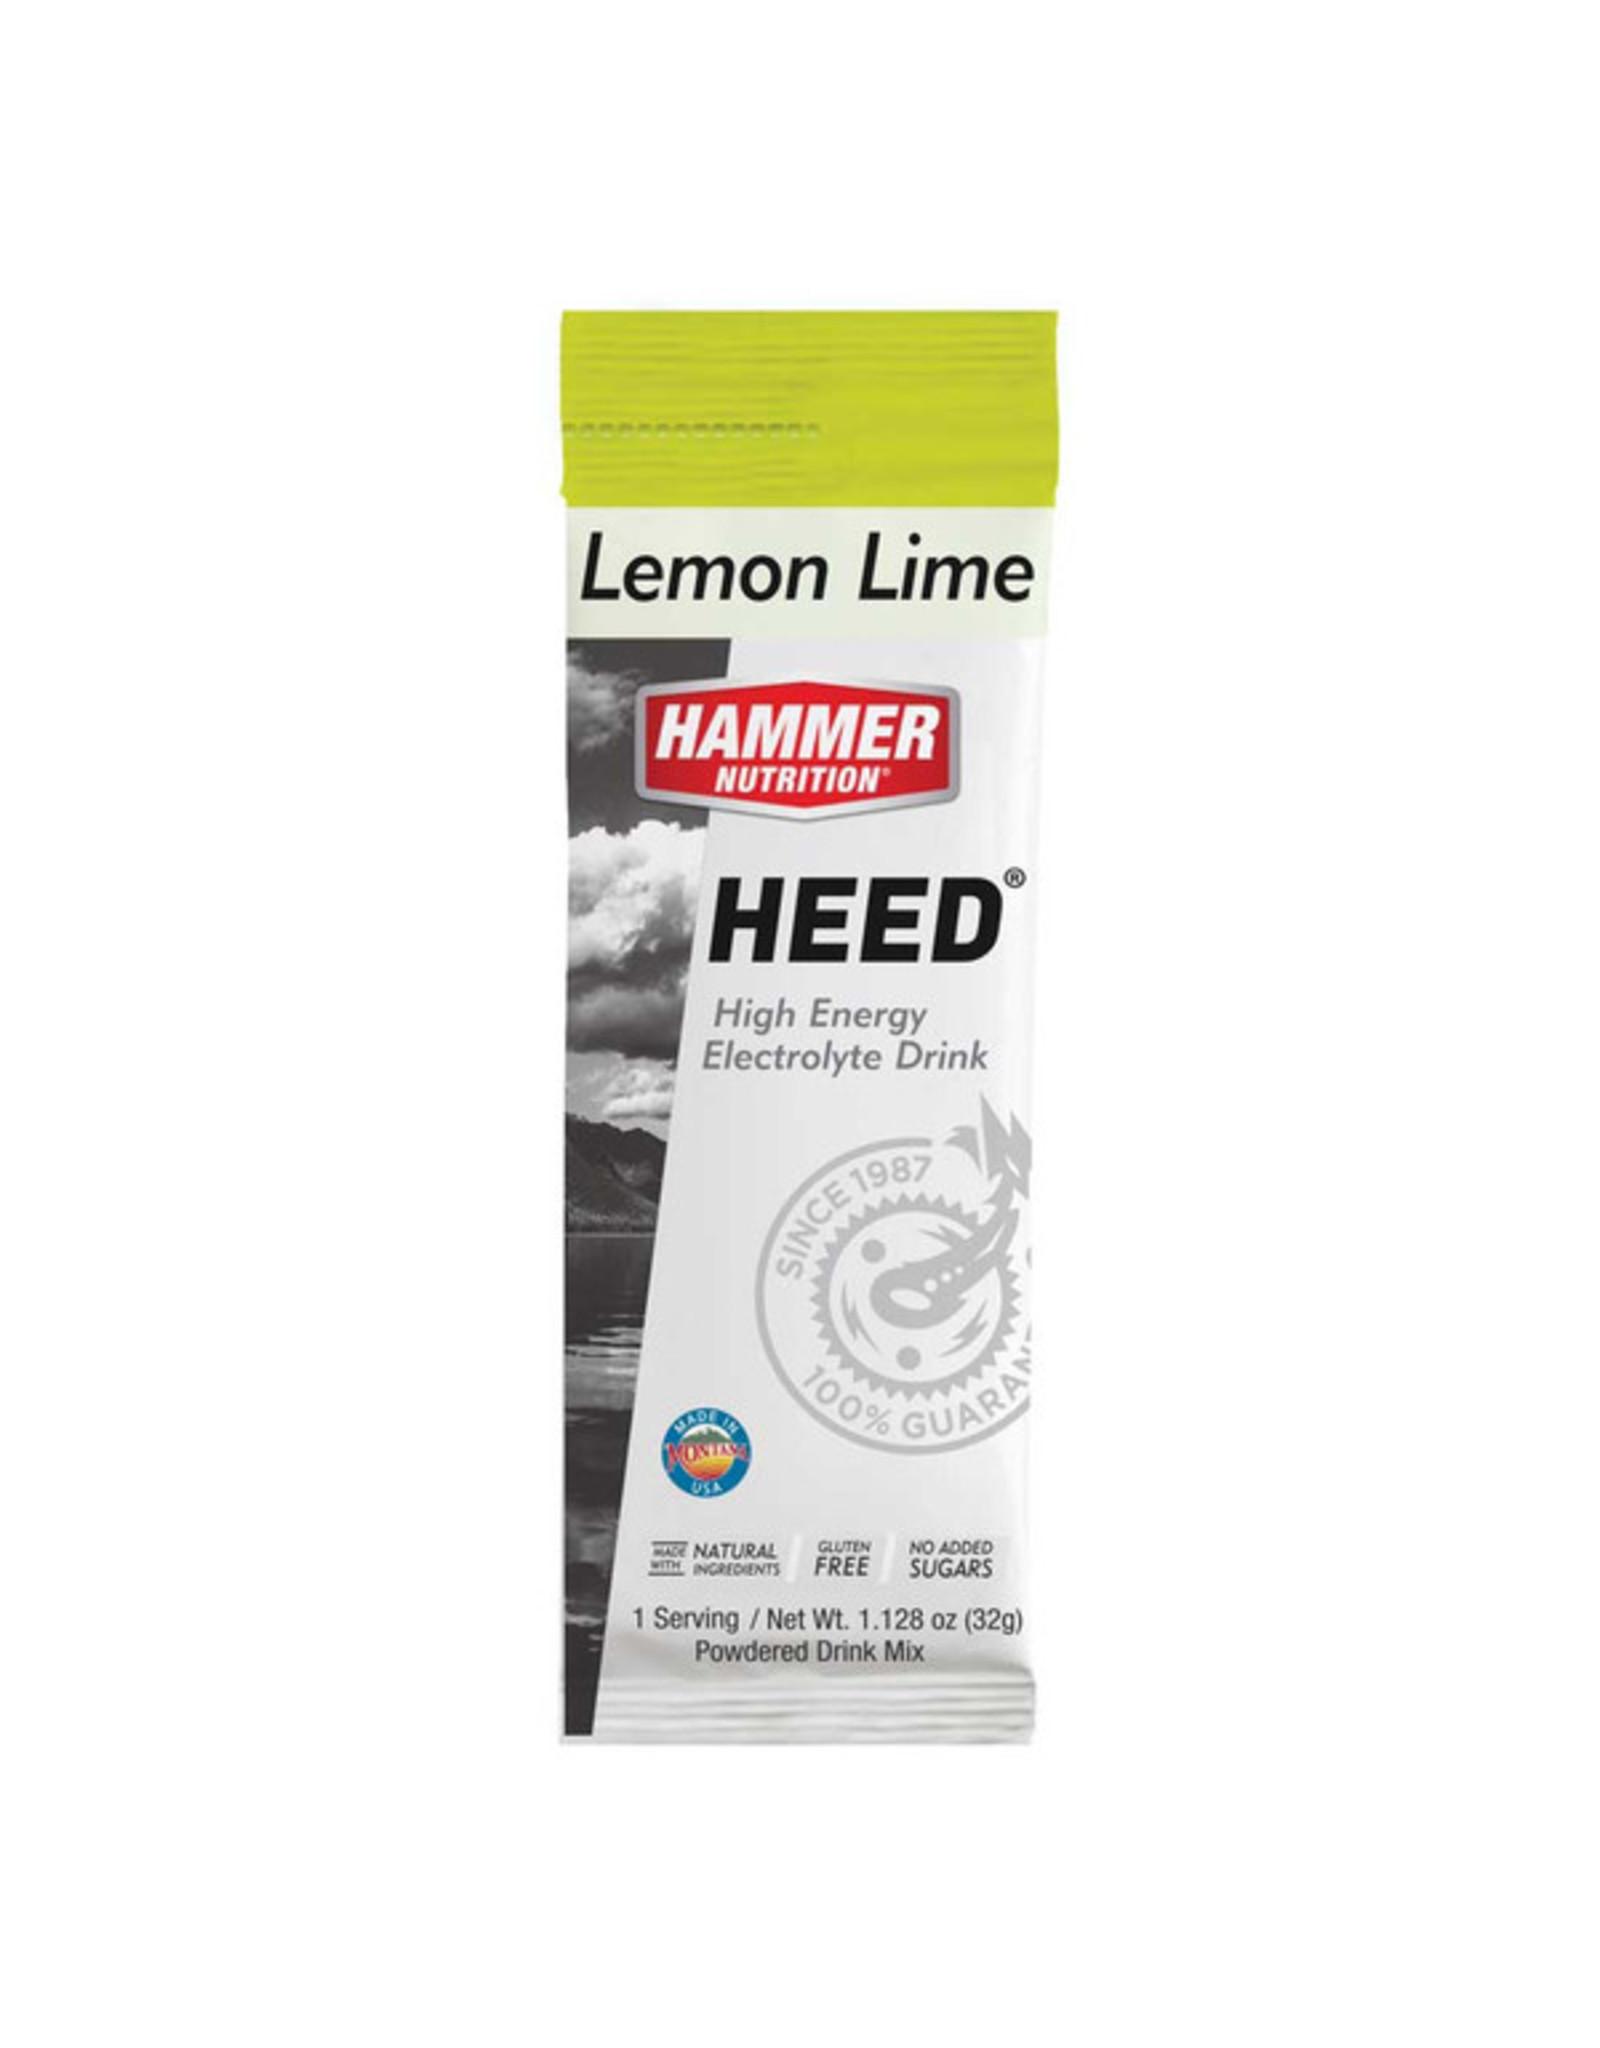 Hammer Nutrition Hammer Nutrition HEED